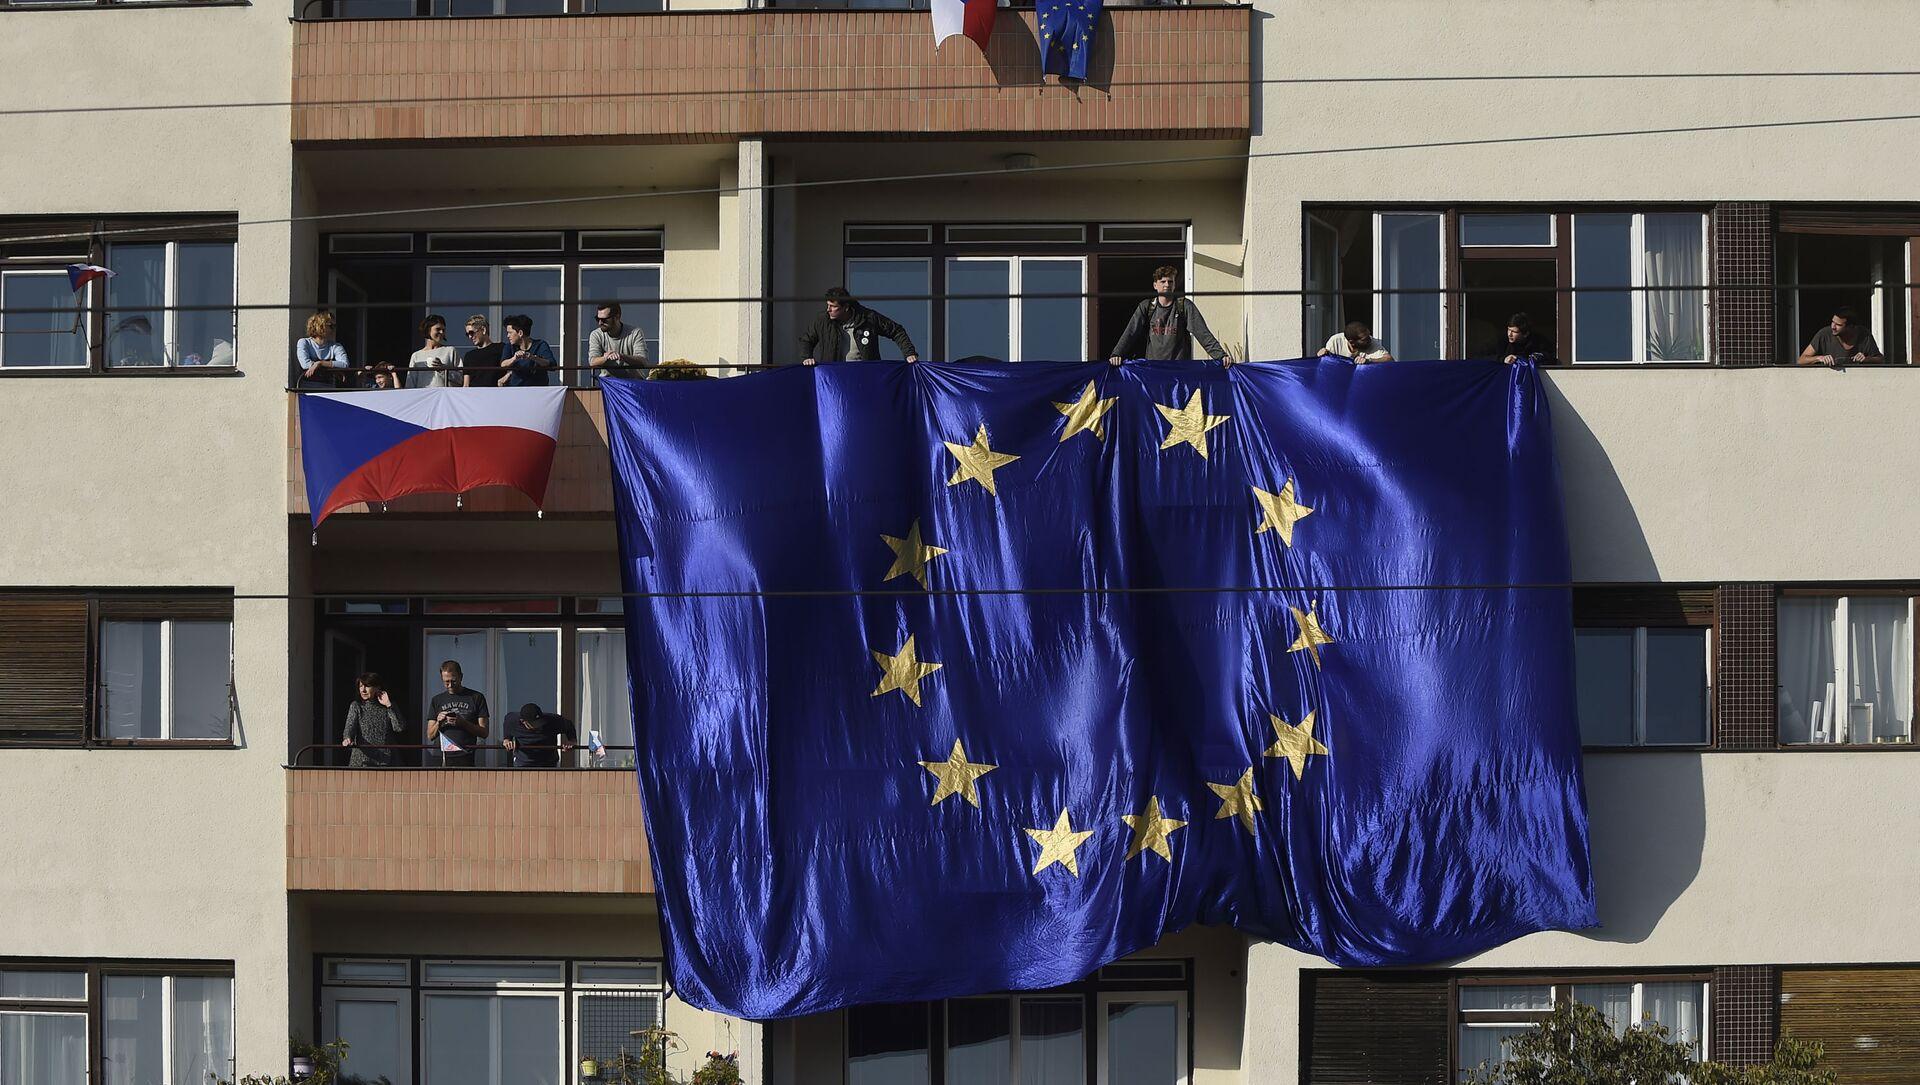 Lidé s českými a evropskými vlajkami na balkoně domu v Praze - Sputnik Česká republika, 1920, 30.03.2021